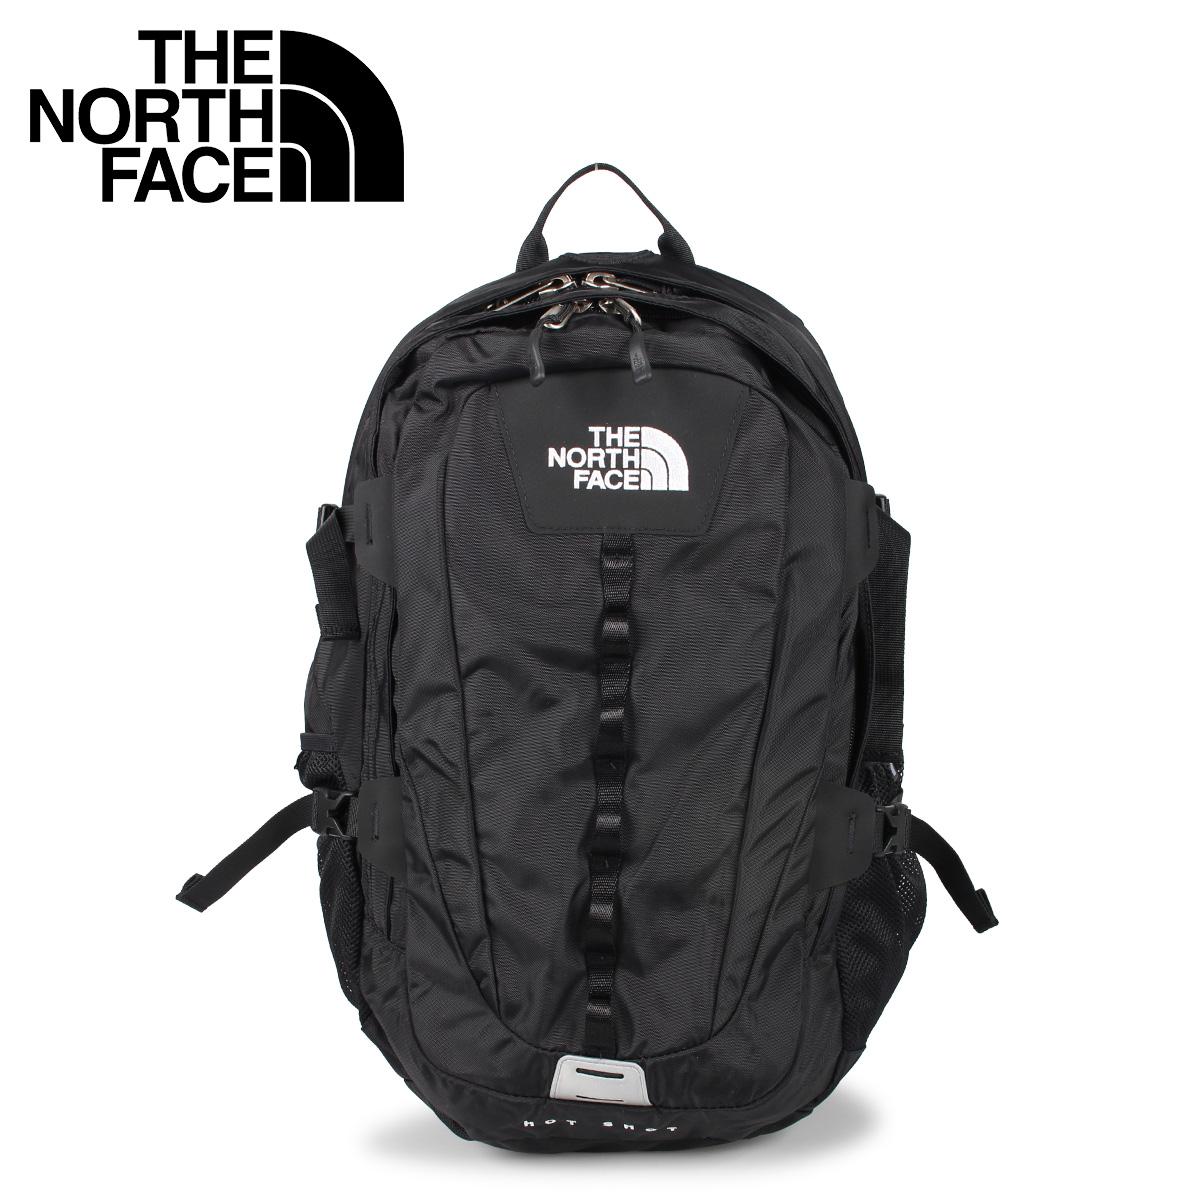 THE NORTH FACE ノースフェイス リュック バッグ バックパック ホットショット メンズ レディース 26L HOT SHOT CLASSIC ブラック 黒 NM72006 [4/17 新入荷]